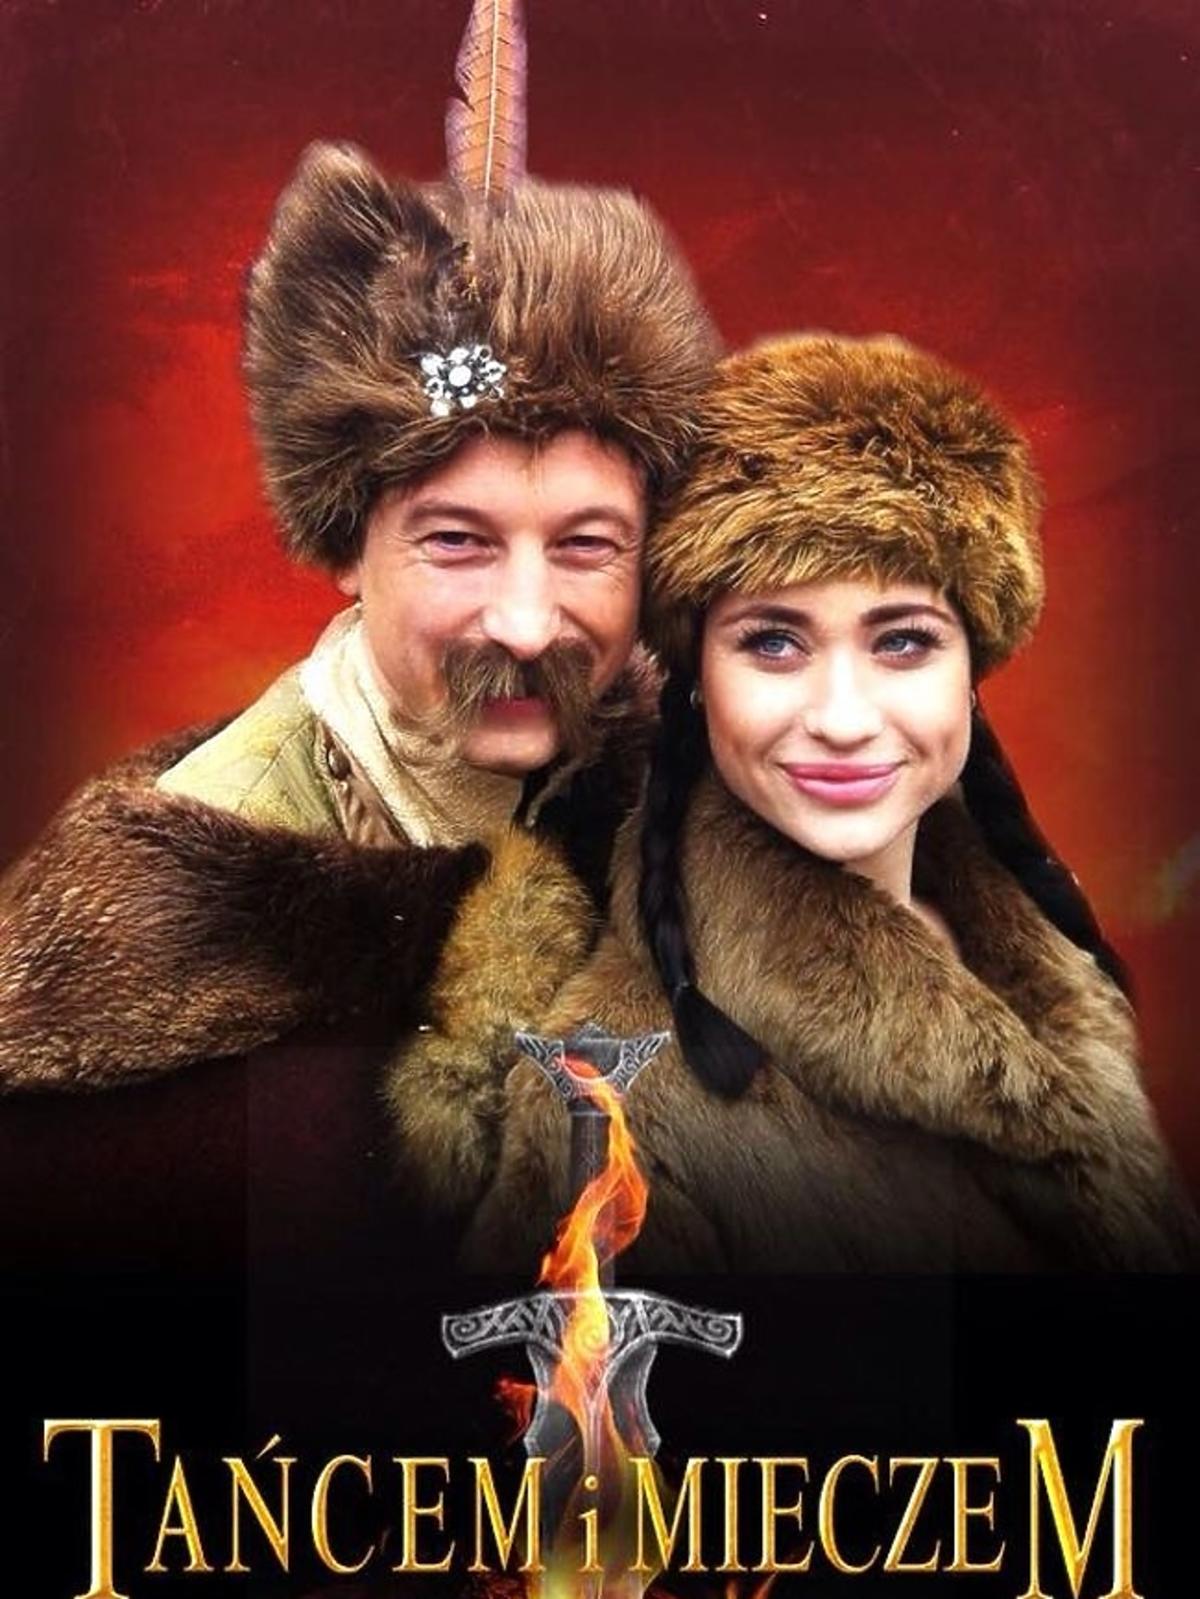 Grzegorz Łapanowski i Walerija Żurawlewa na plakacie filmowym